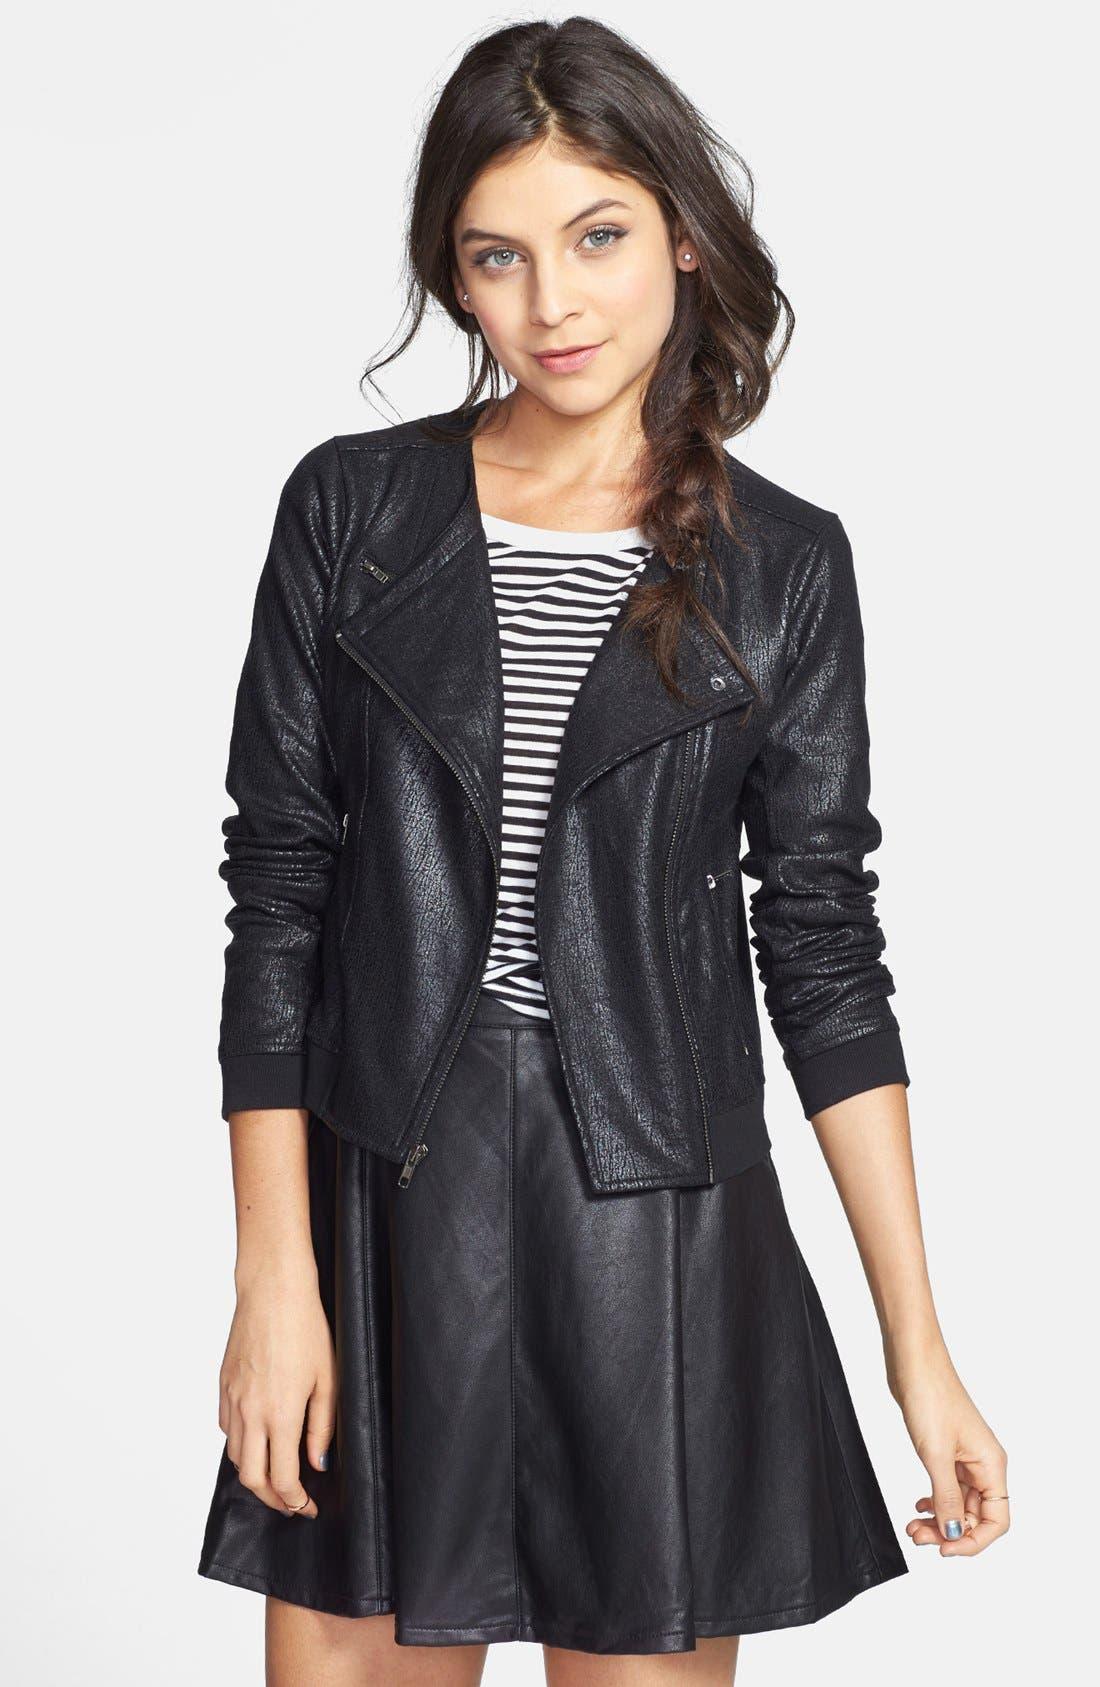 Alternate Image 1 Selected - Frenchi® Coated Knit Moto Jacket (Juniors)